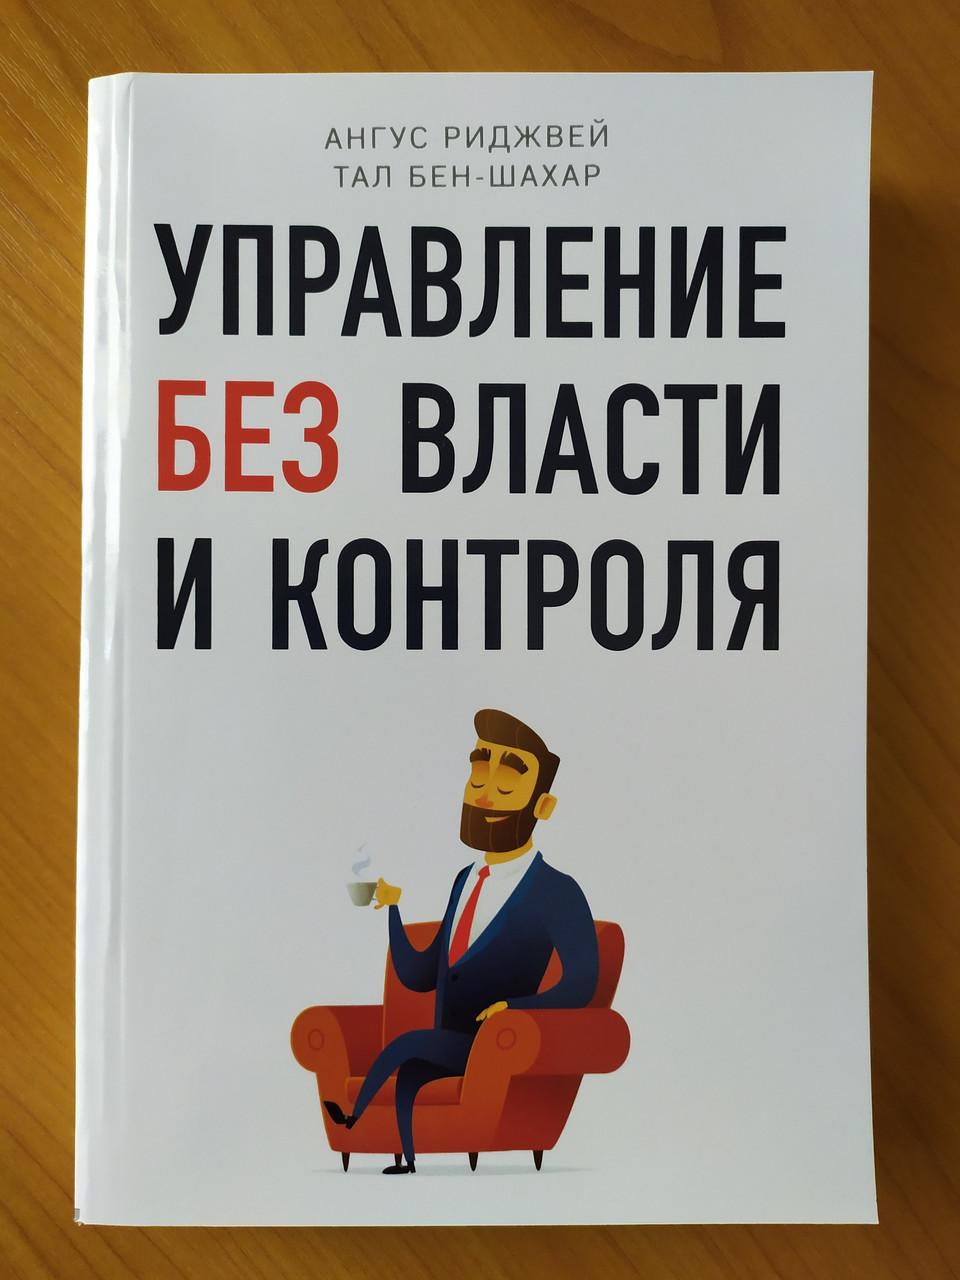 Ангус Риджвей, Таль Бен-Шахар. Управління без влади і контролю